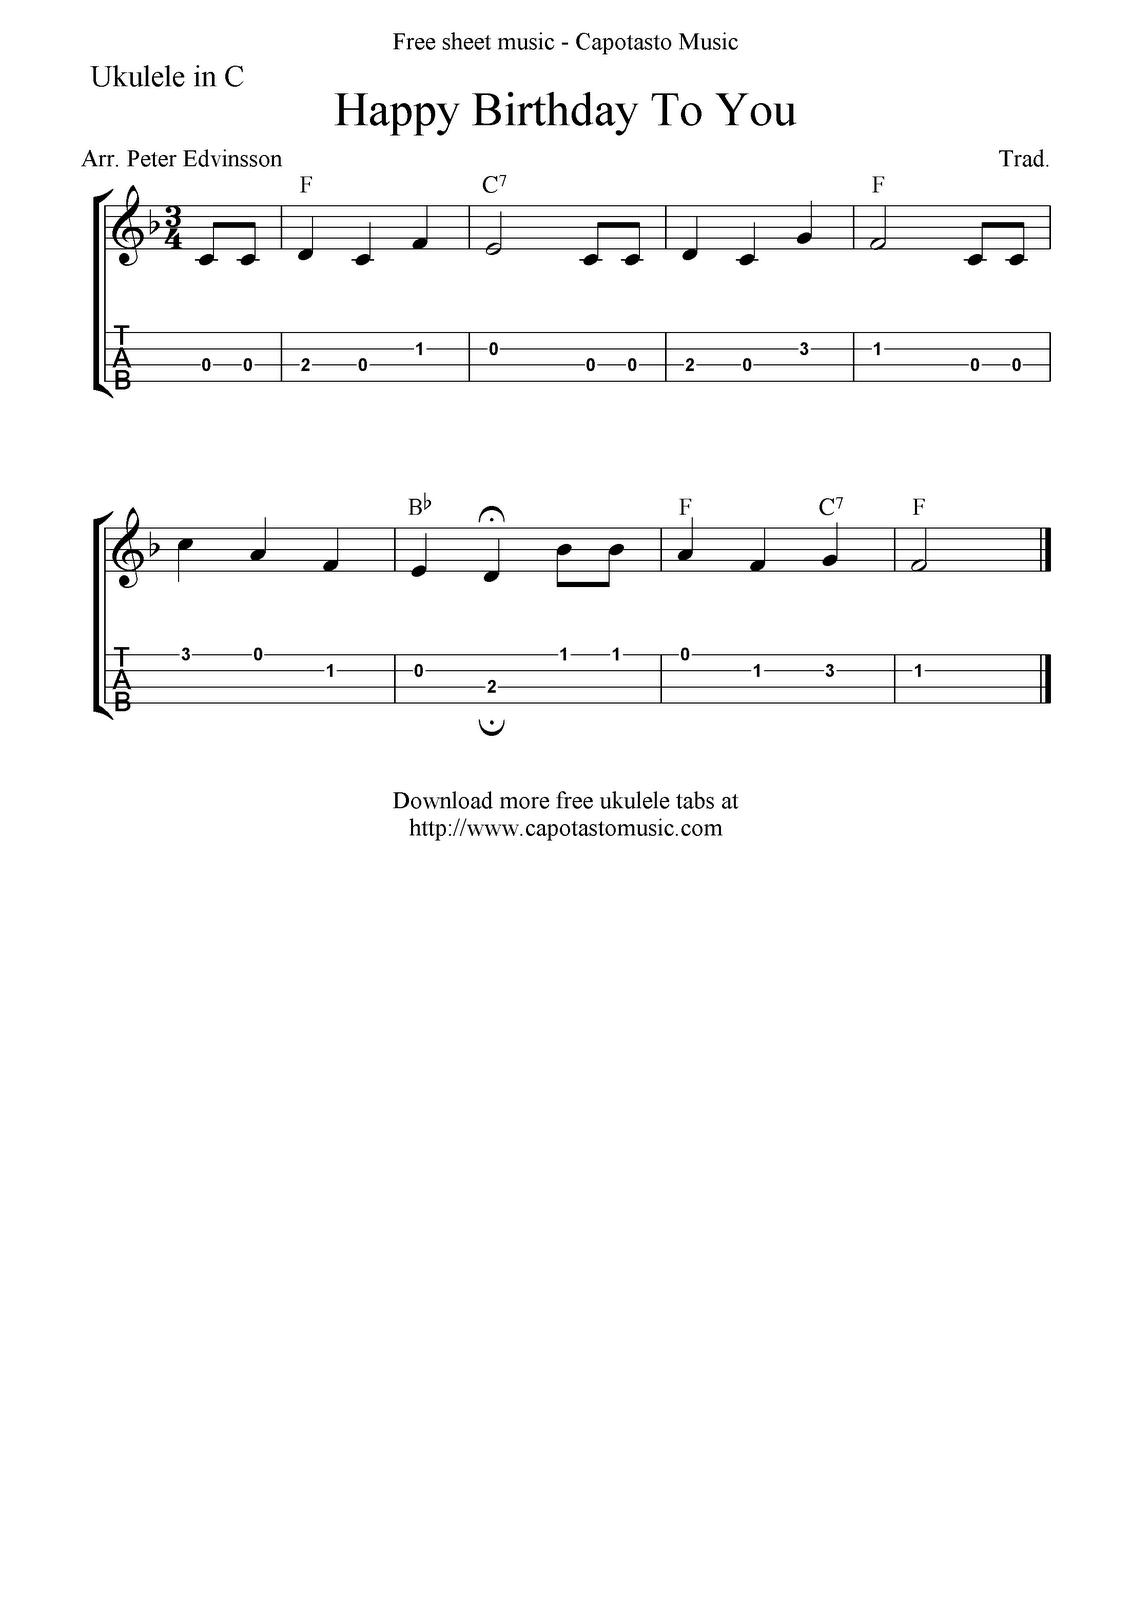 """✓""""happy Birthday To You"""" Ukulele Sheet Music - Free Printable - Free Printable Ukulele Songs"""